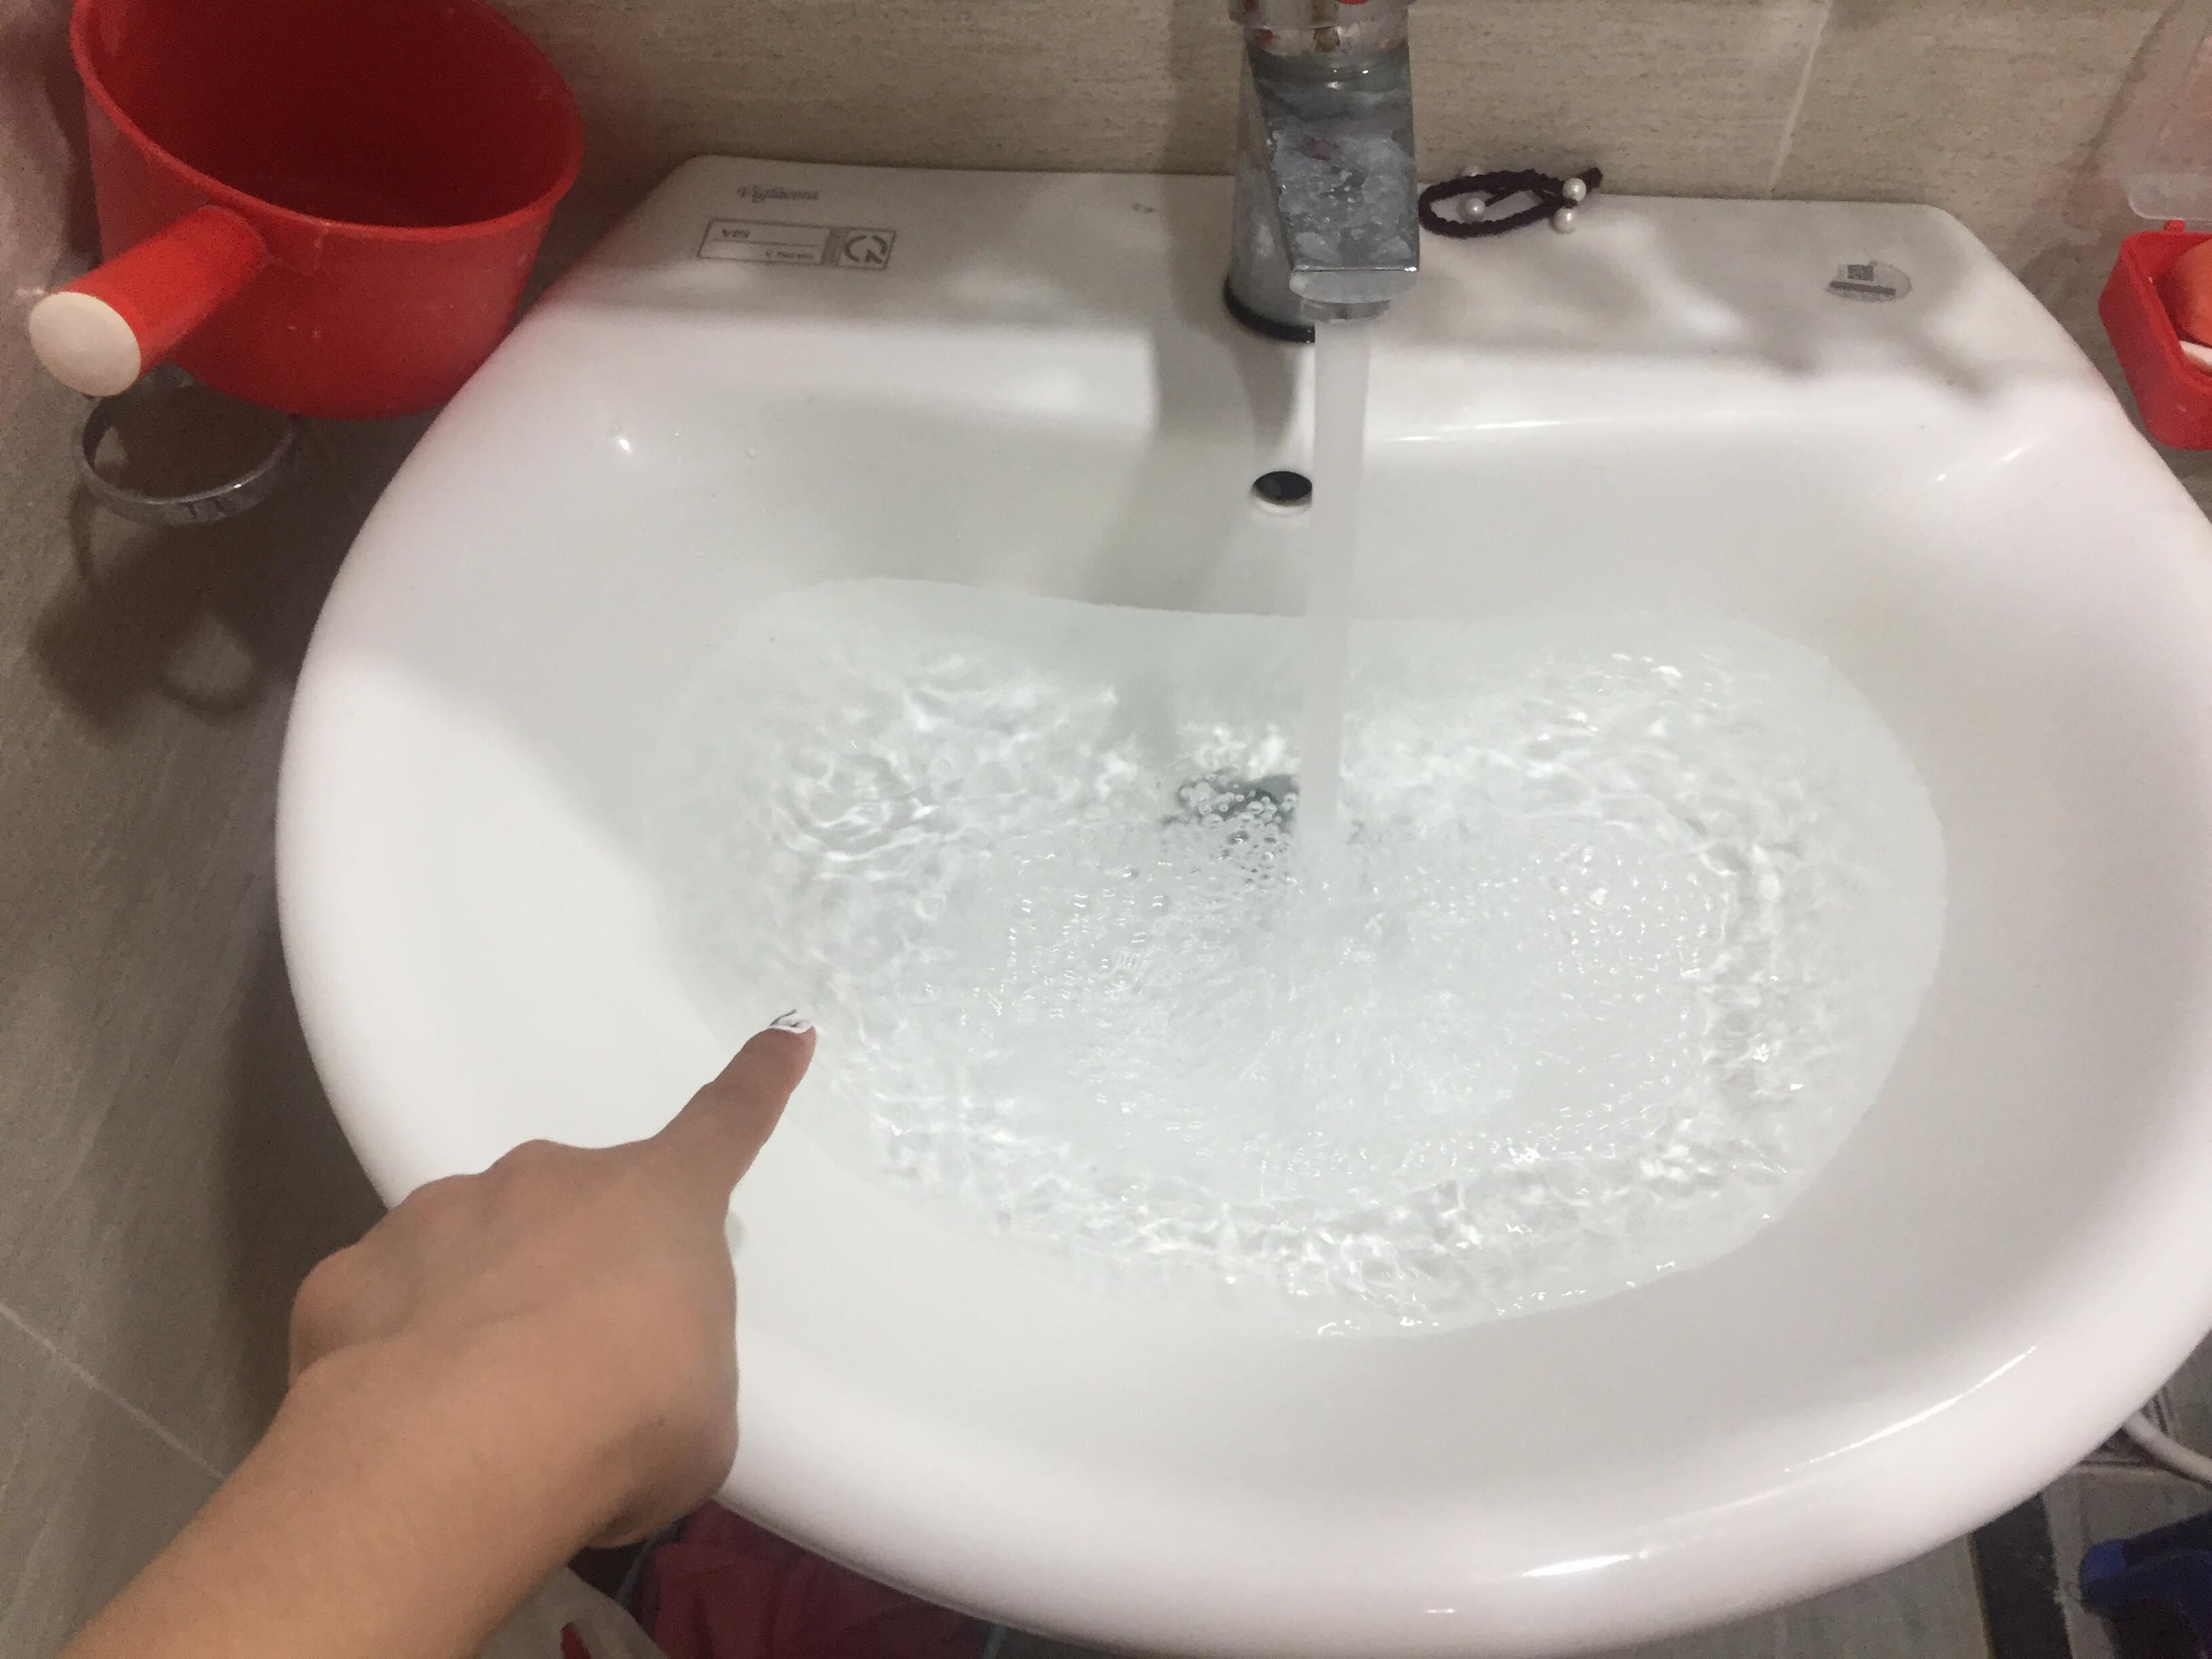 Nước sạch có mùi khét cháy, dân Hà Nội hoang mang lo lắng